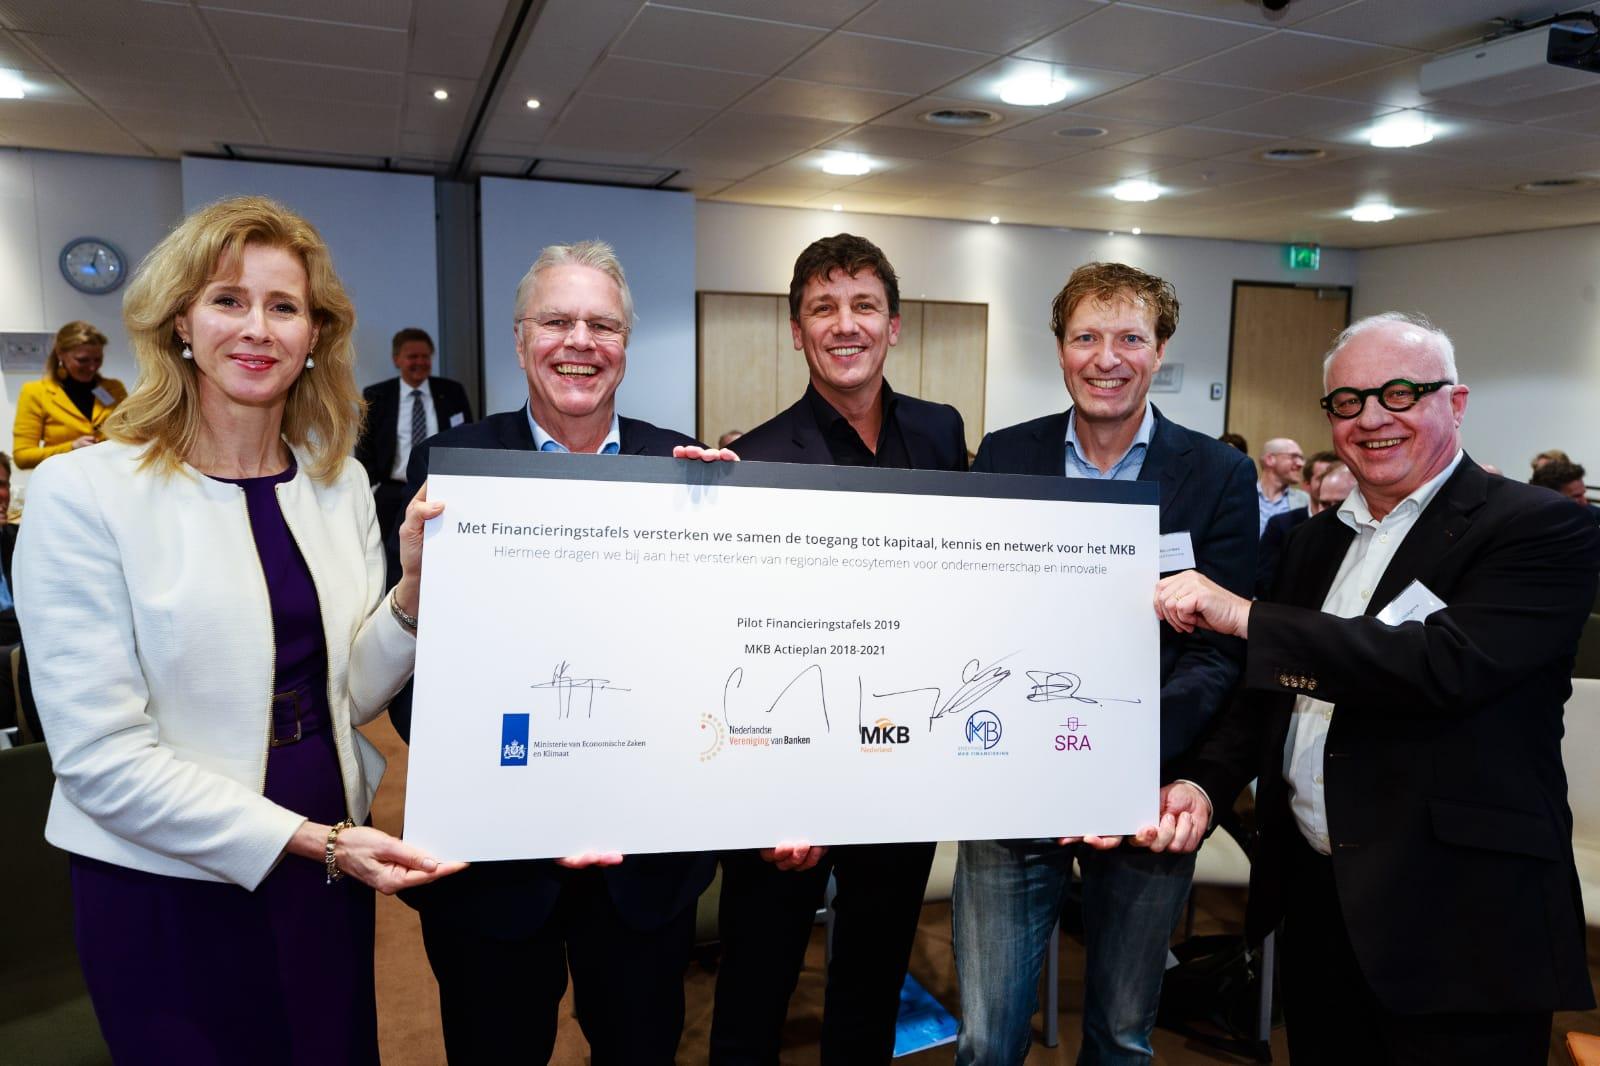 1,1 miljoen euro voor Financieringstafels MKB en startups